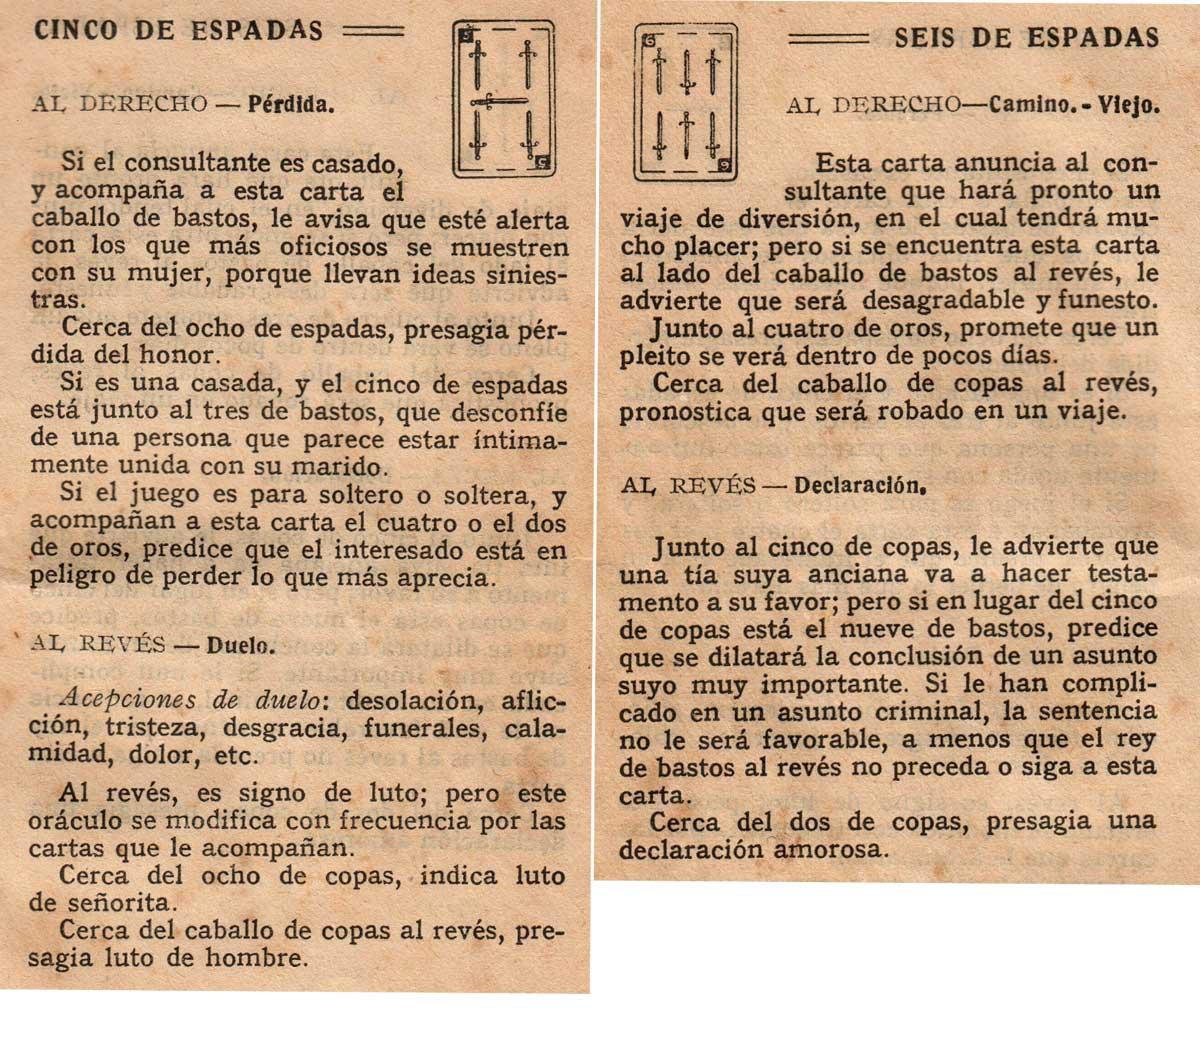 Significado de los Naipes Españoles según Benita la Bruja predijo en el siglo XVI, Chocolates Nelia, c.1932